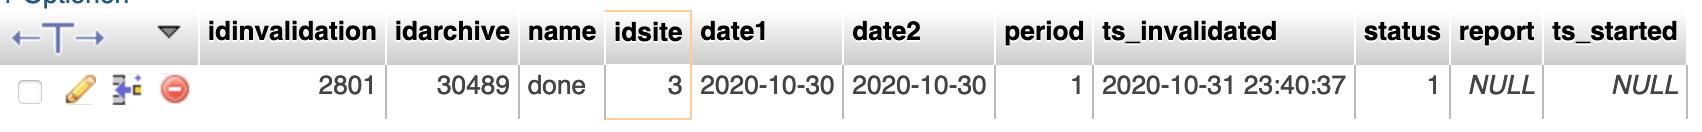 Bildschirmfoto 2020-11-17 um 00 46 27